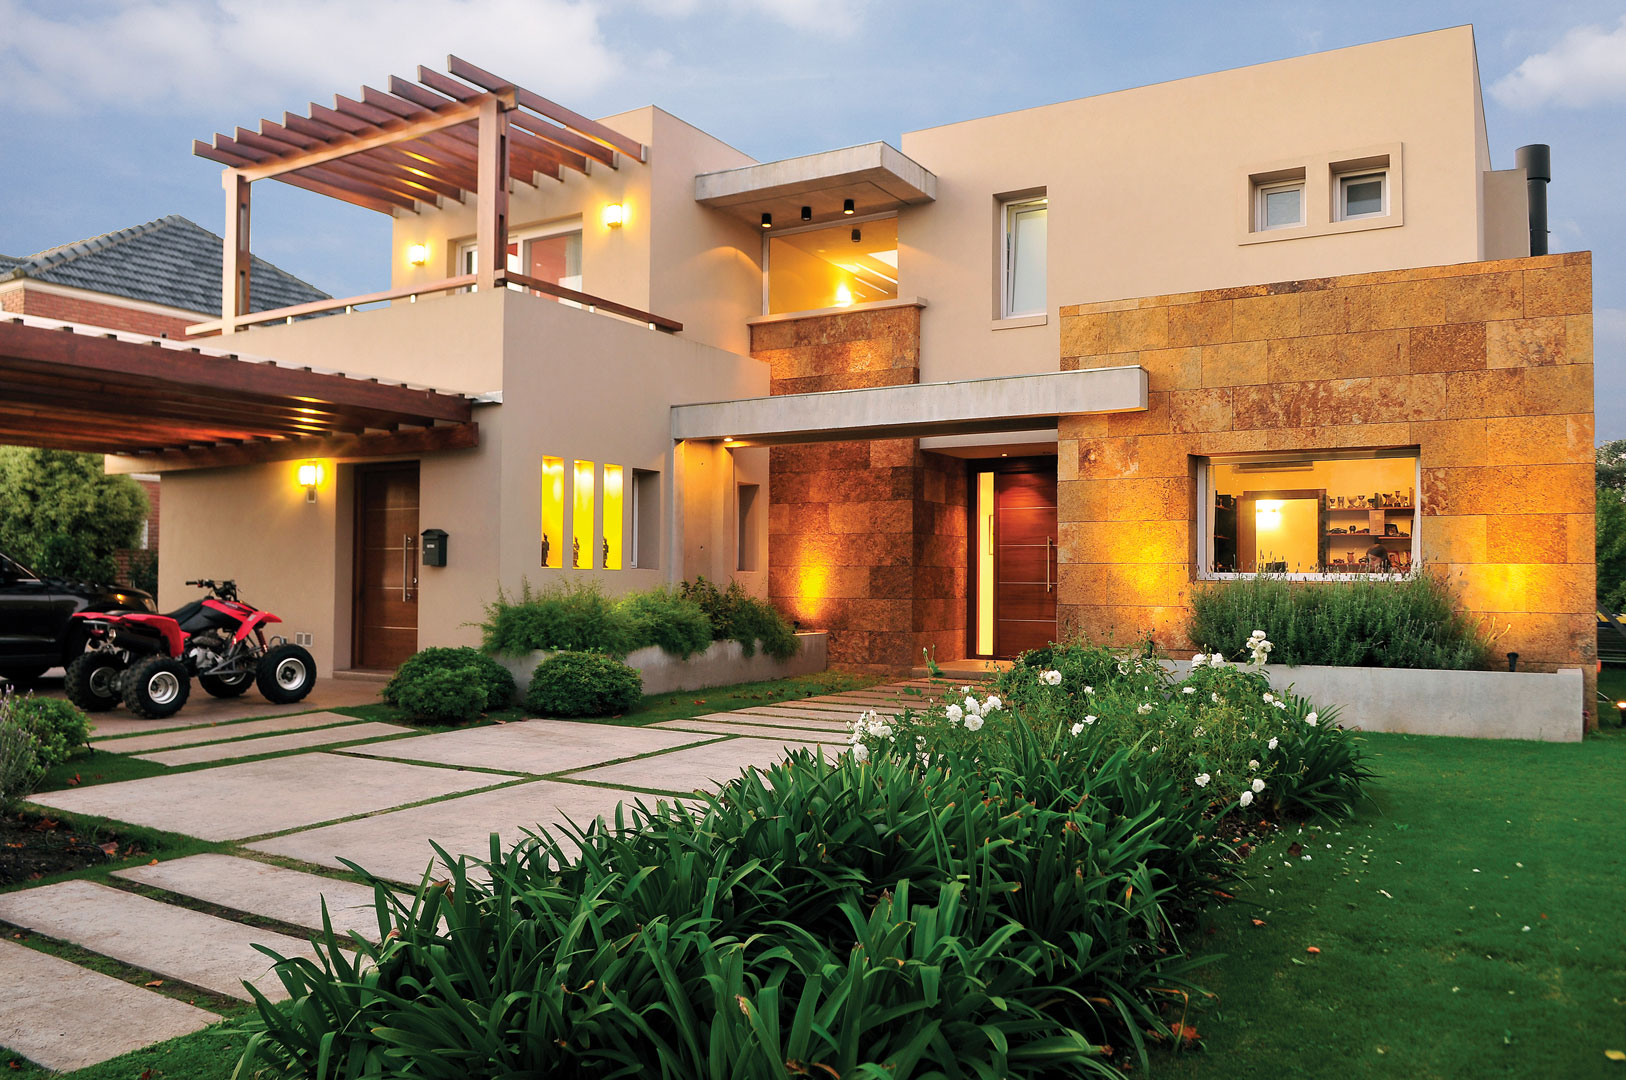 Estudio gamboa casa estilo moderno portal de arquitectos for Casa de arquitecto moderno